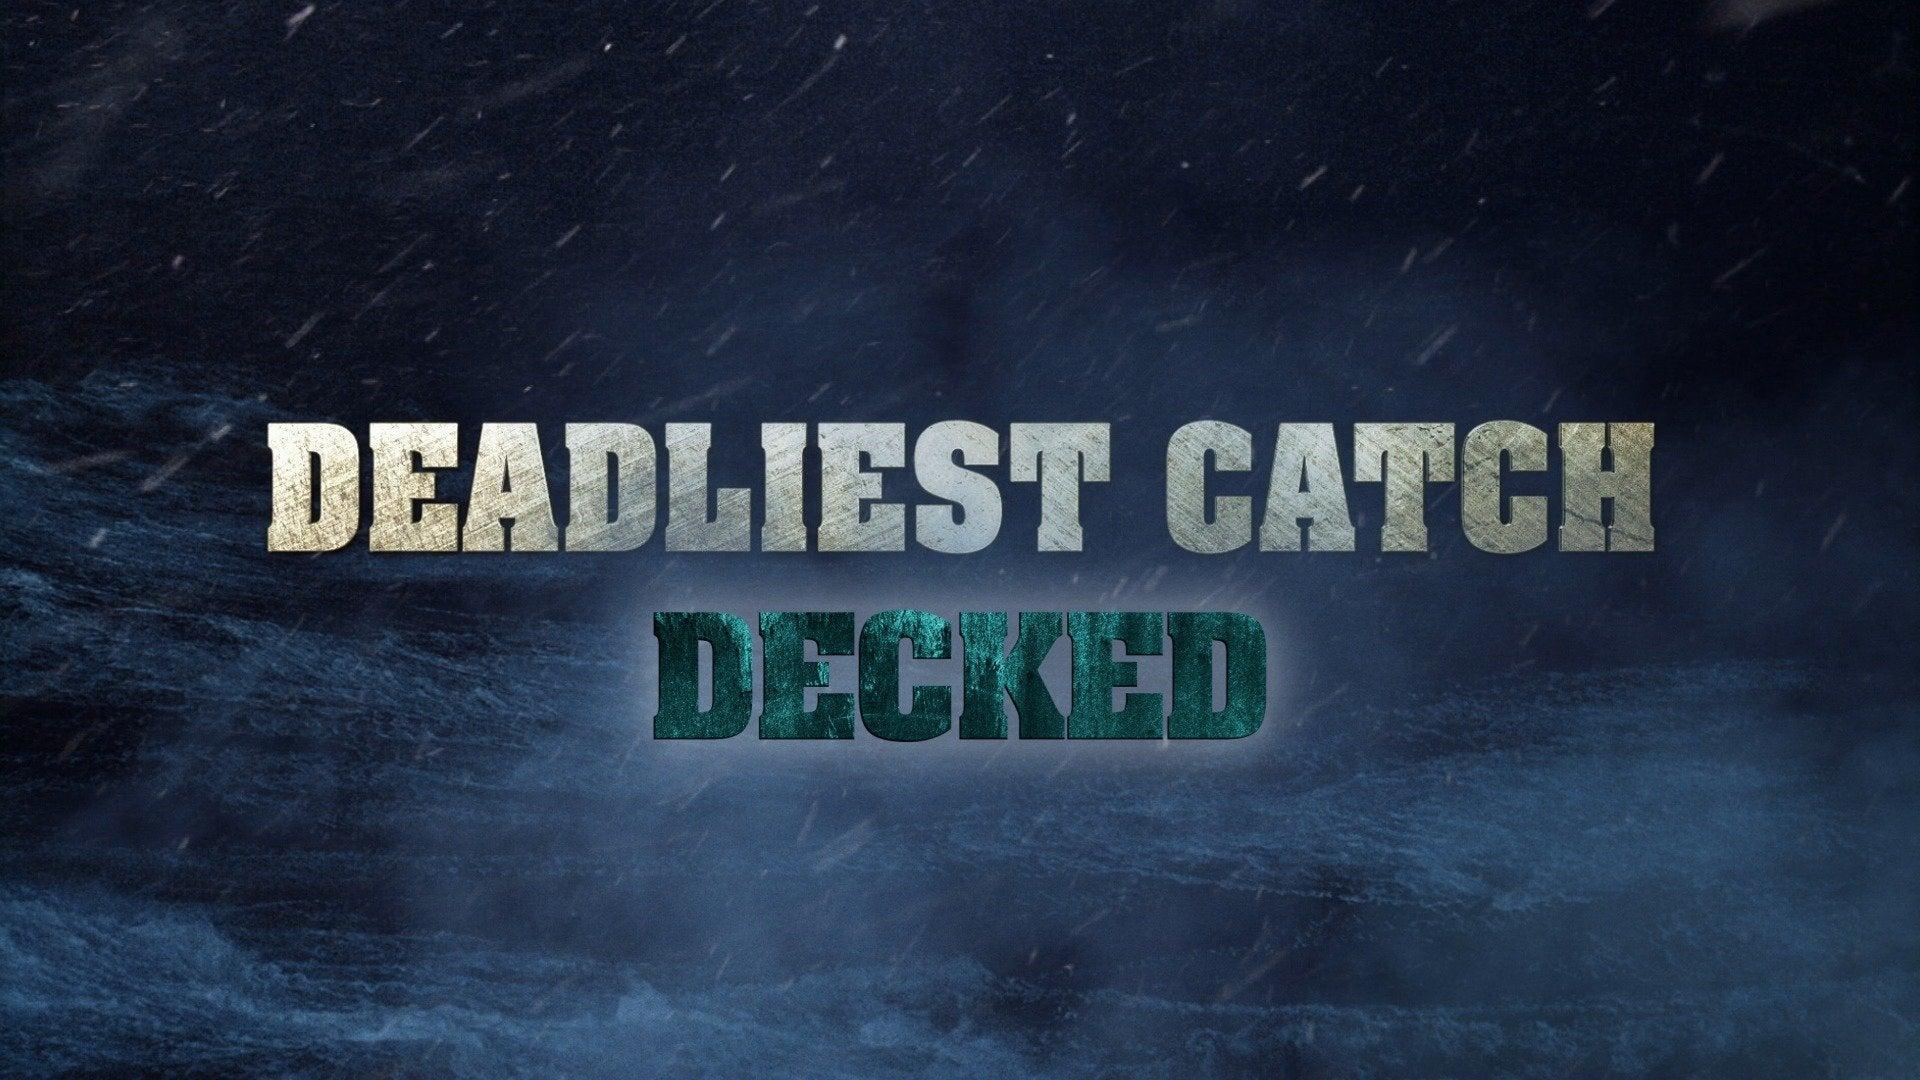 Deadliest Catch: Decked